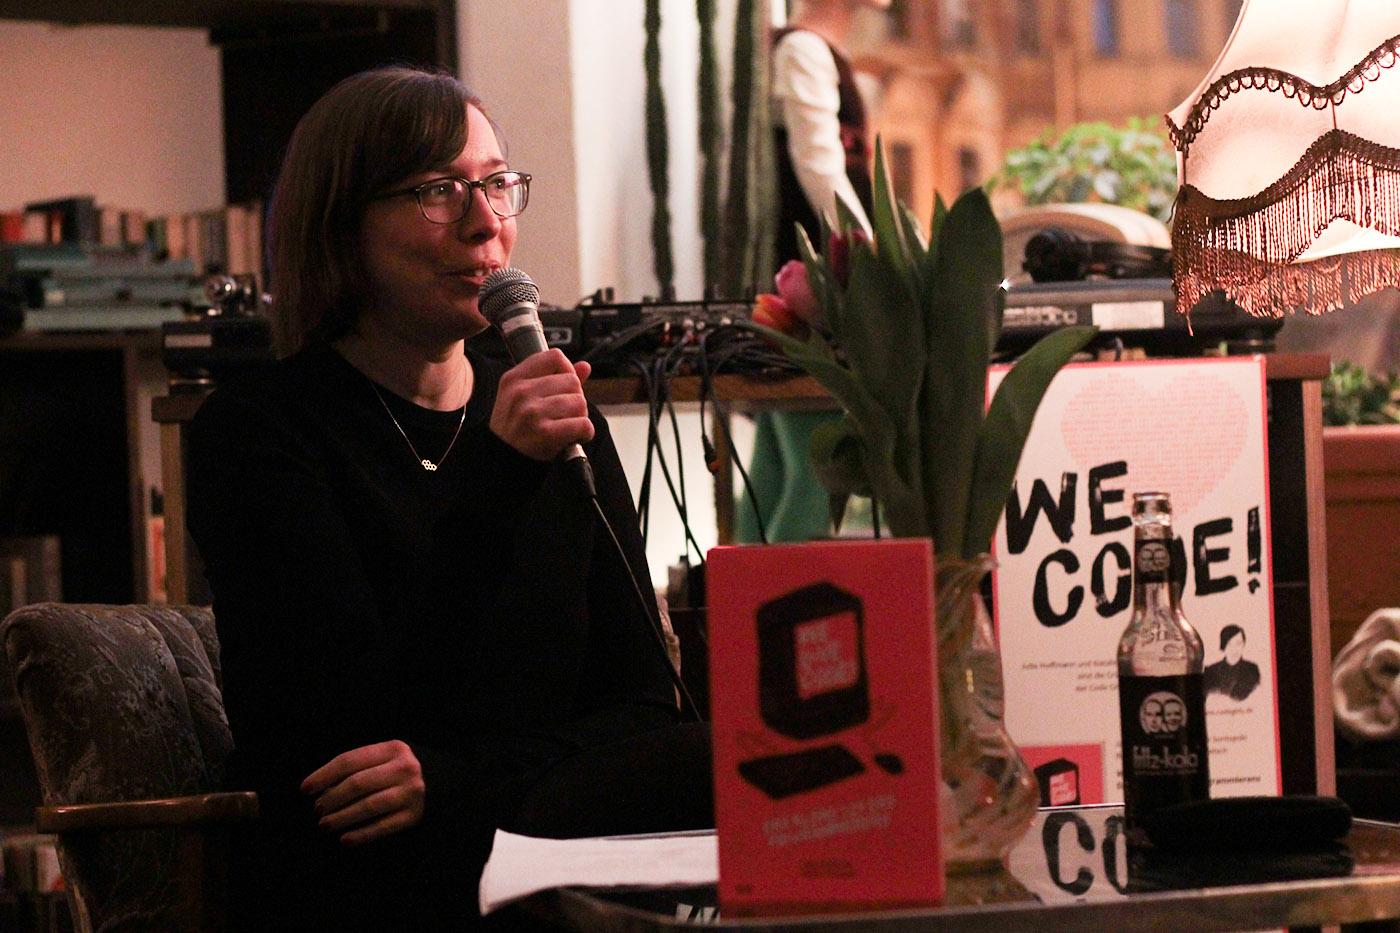 Natalie Sontopski spricht über die Liebe zum Programmieren. © Lina Hansen